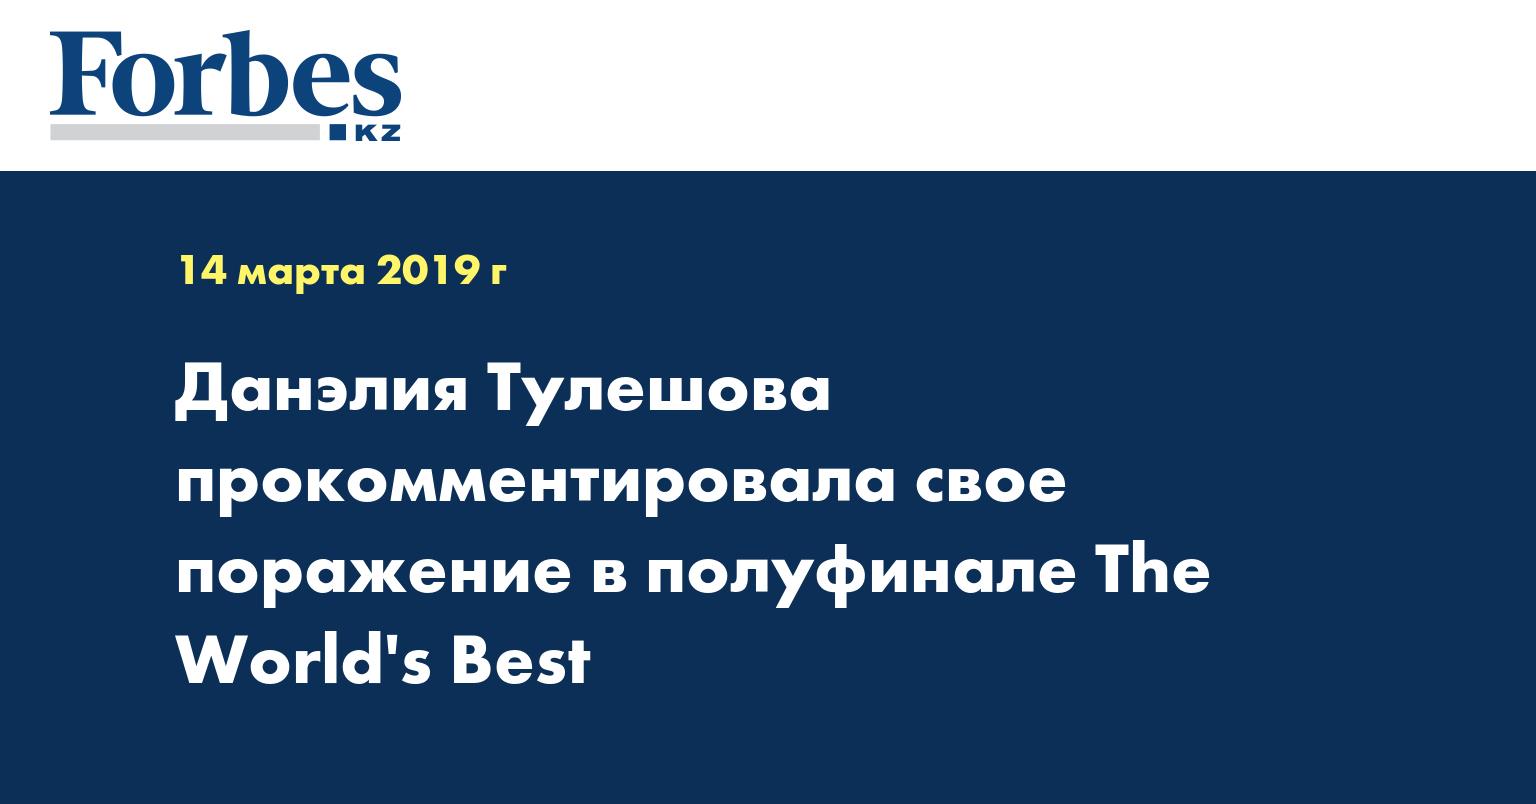 Данэлия Тулешова прокомментировала свое поражение в полуфинале The World's Best